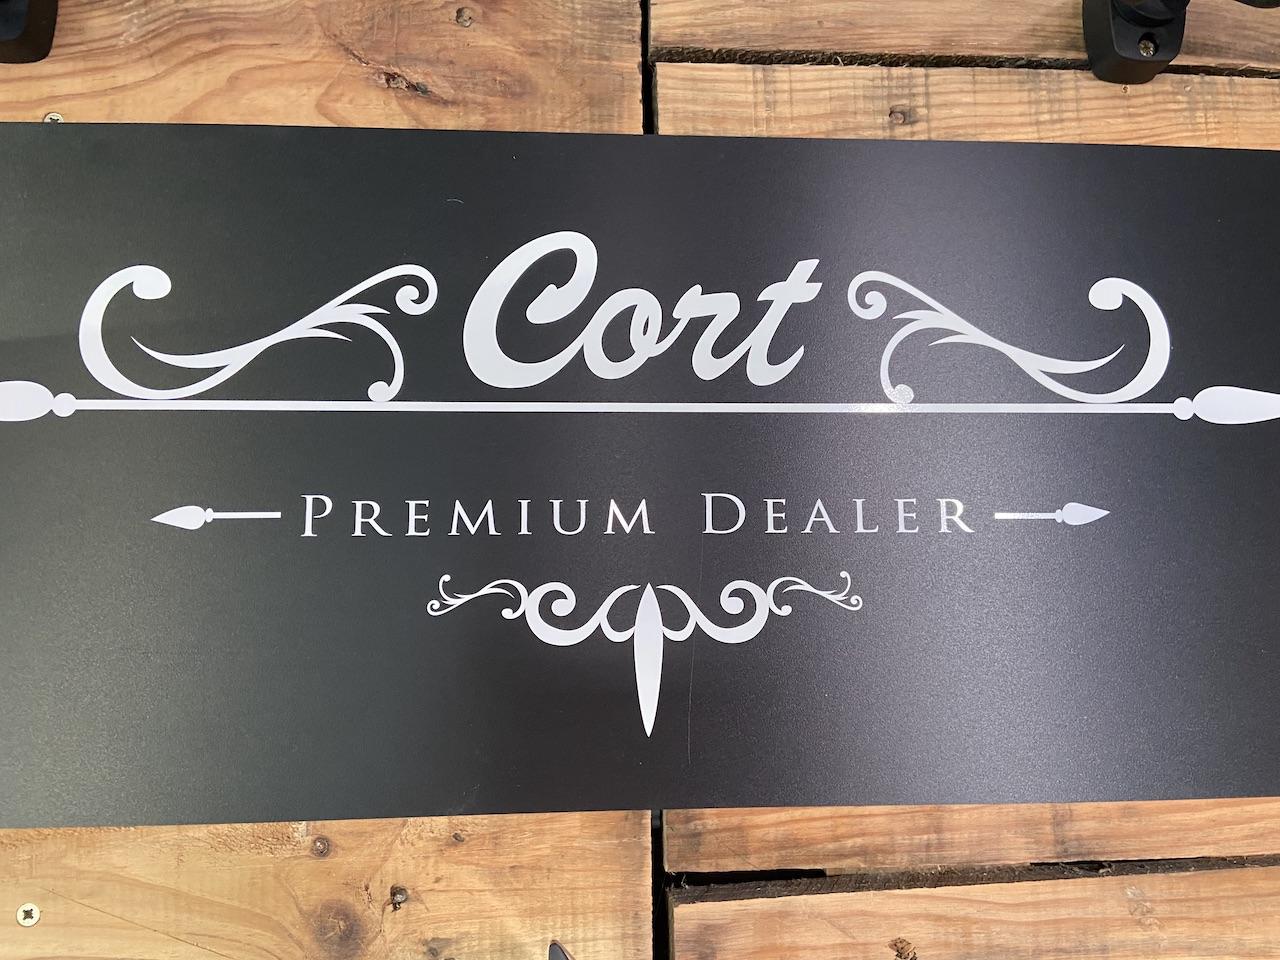 Cort premium dealer